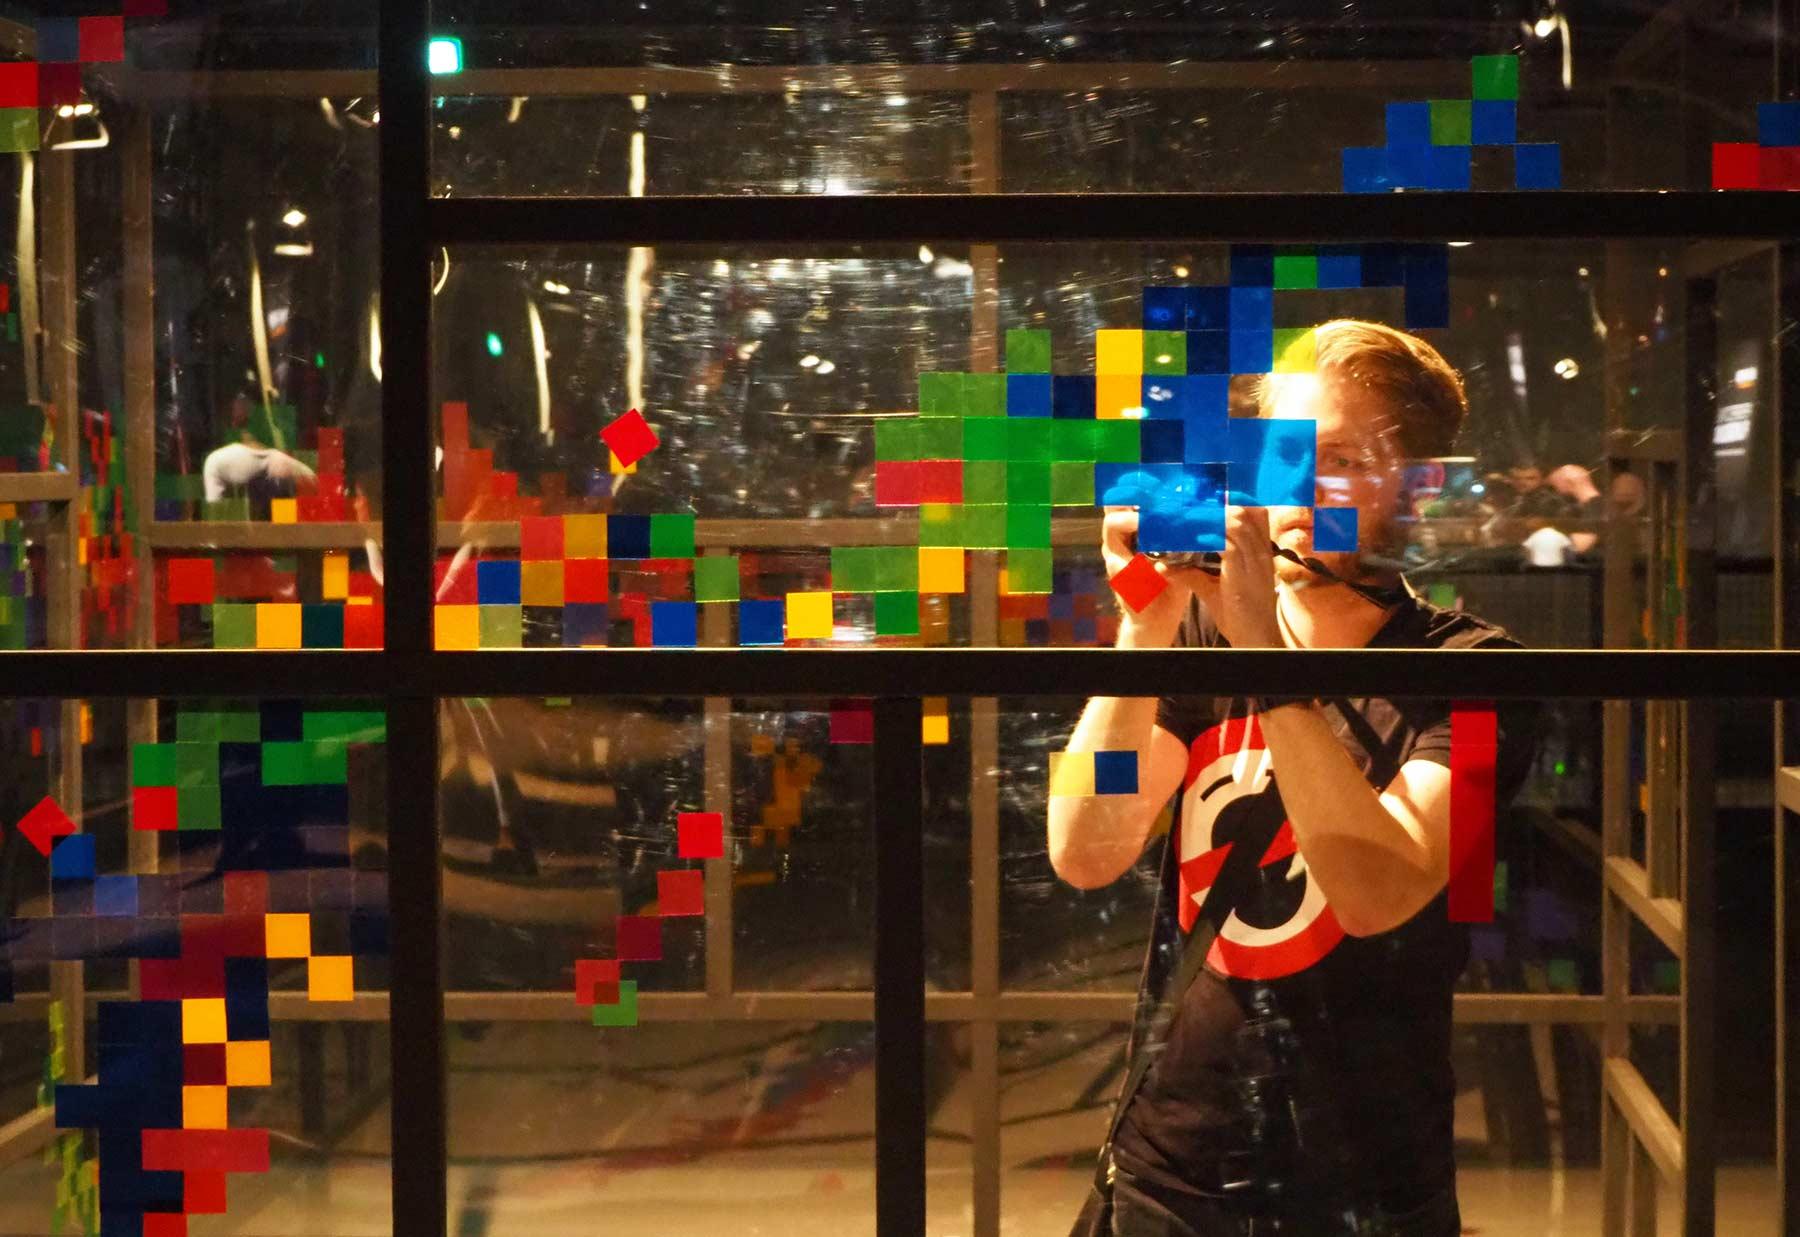 Der OLYMPUS PERSPECTIVE PLAYGROUND in Berlin ist eröffnet! Olympus-Perspective-Playground-Berlin-2017_05